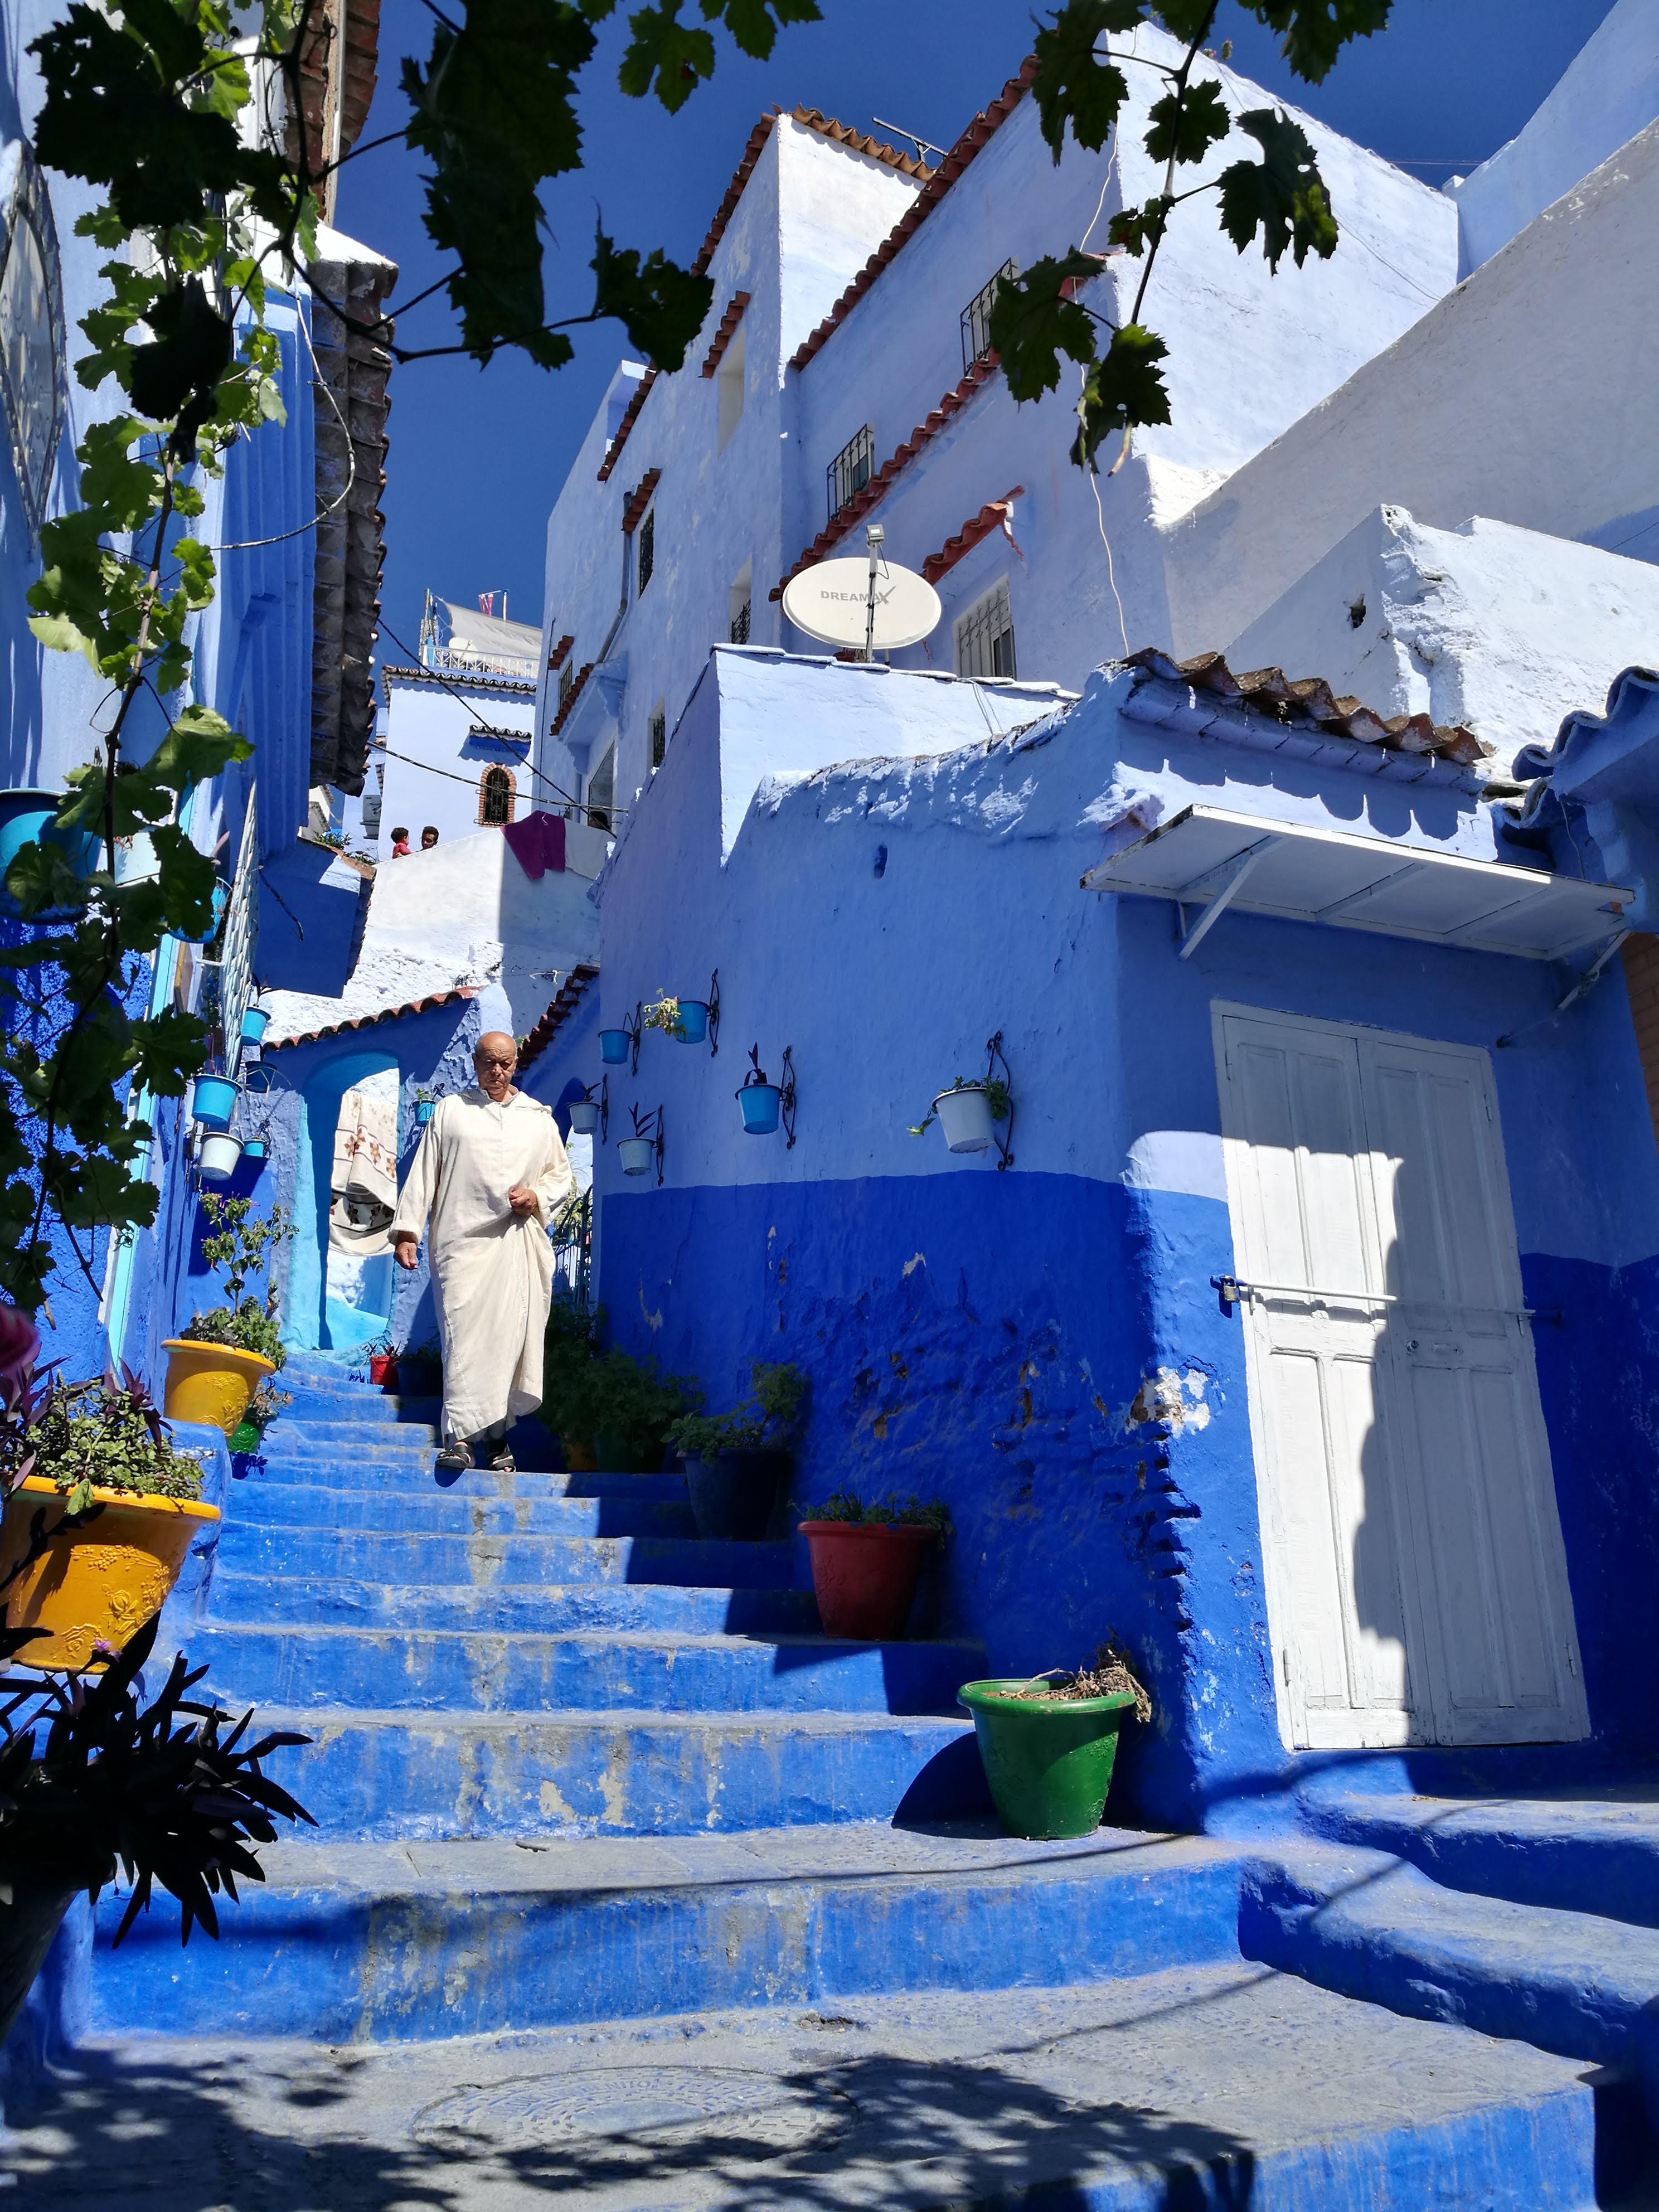 Sátrazás a sivatagban - Marokkó 1. rész